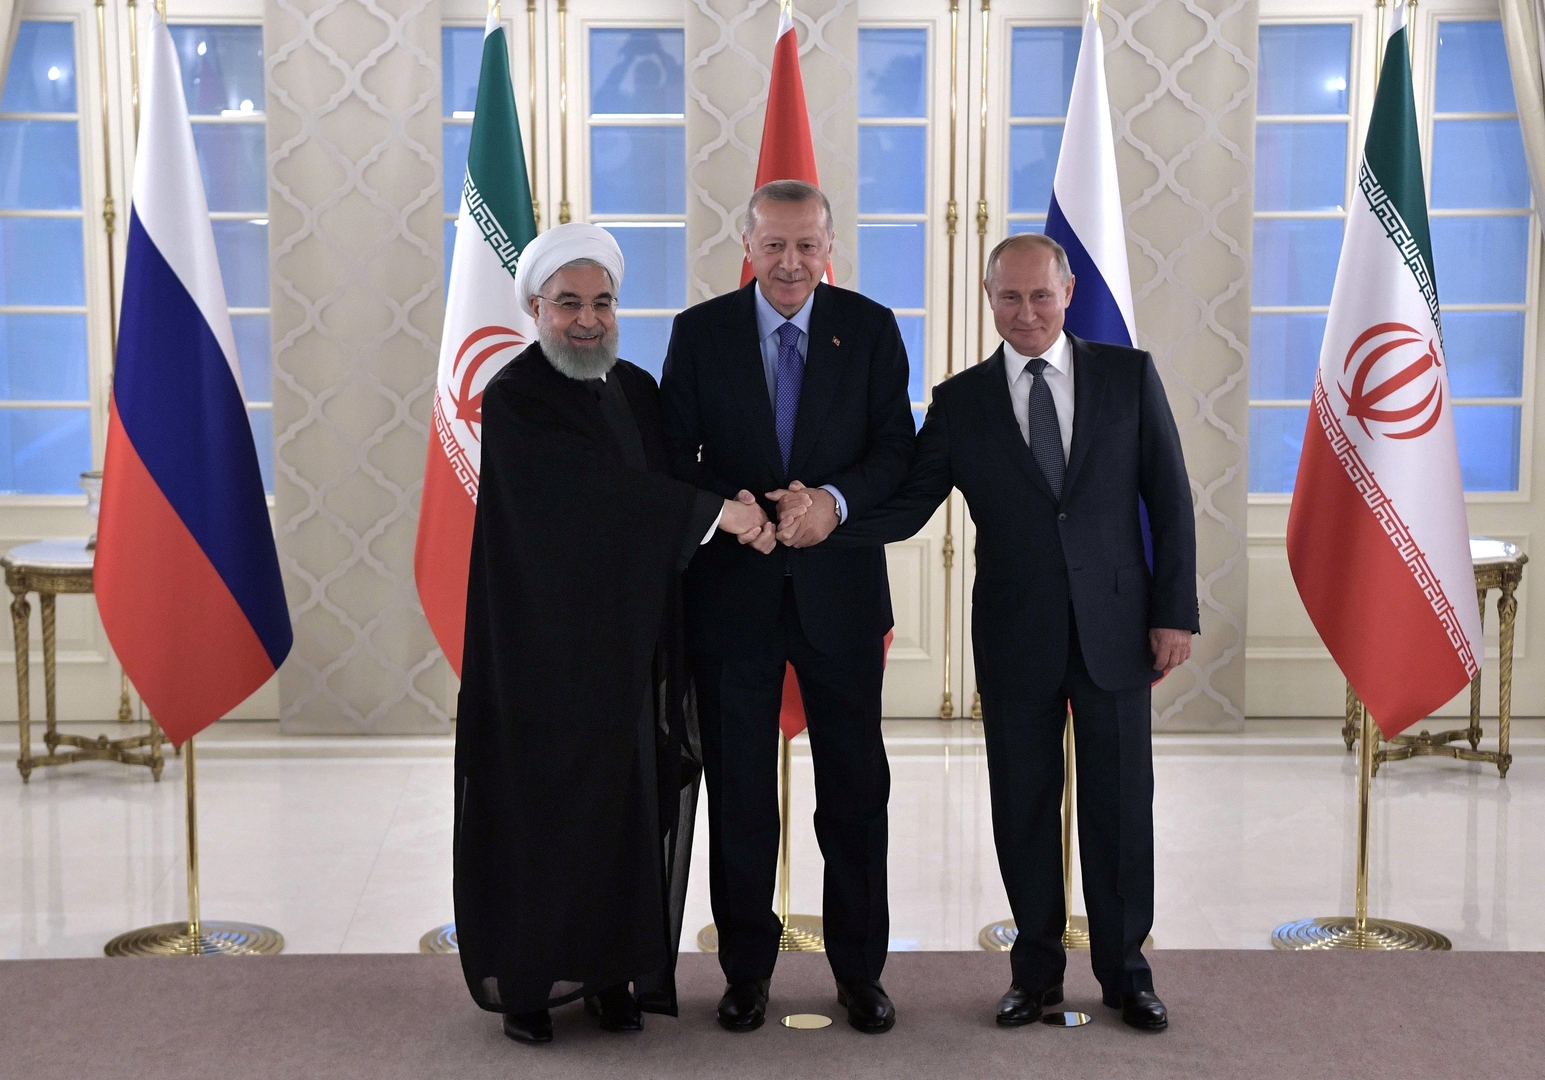 بوتين وأردوغان وروحاني: مخططات انفصالية في سوريا مرفوضة وقرار واشنطن بشأن الجولان يهدد أمن المنطقة